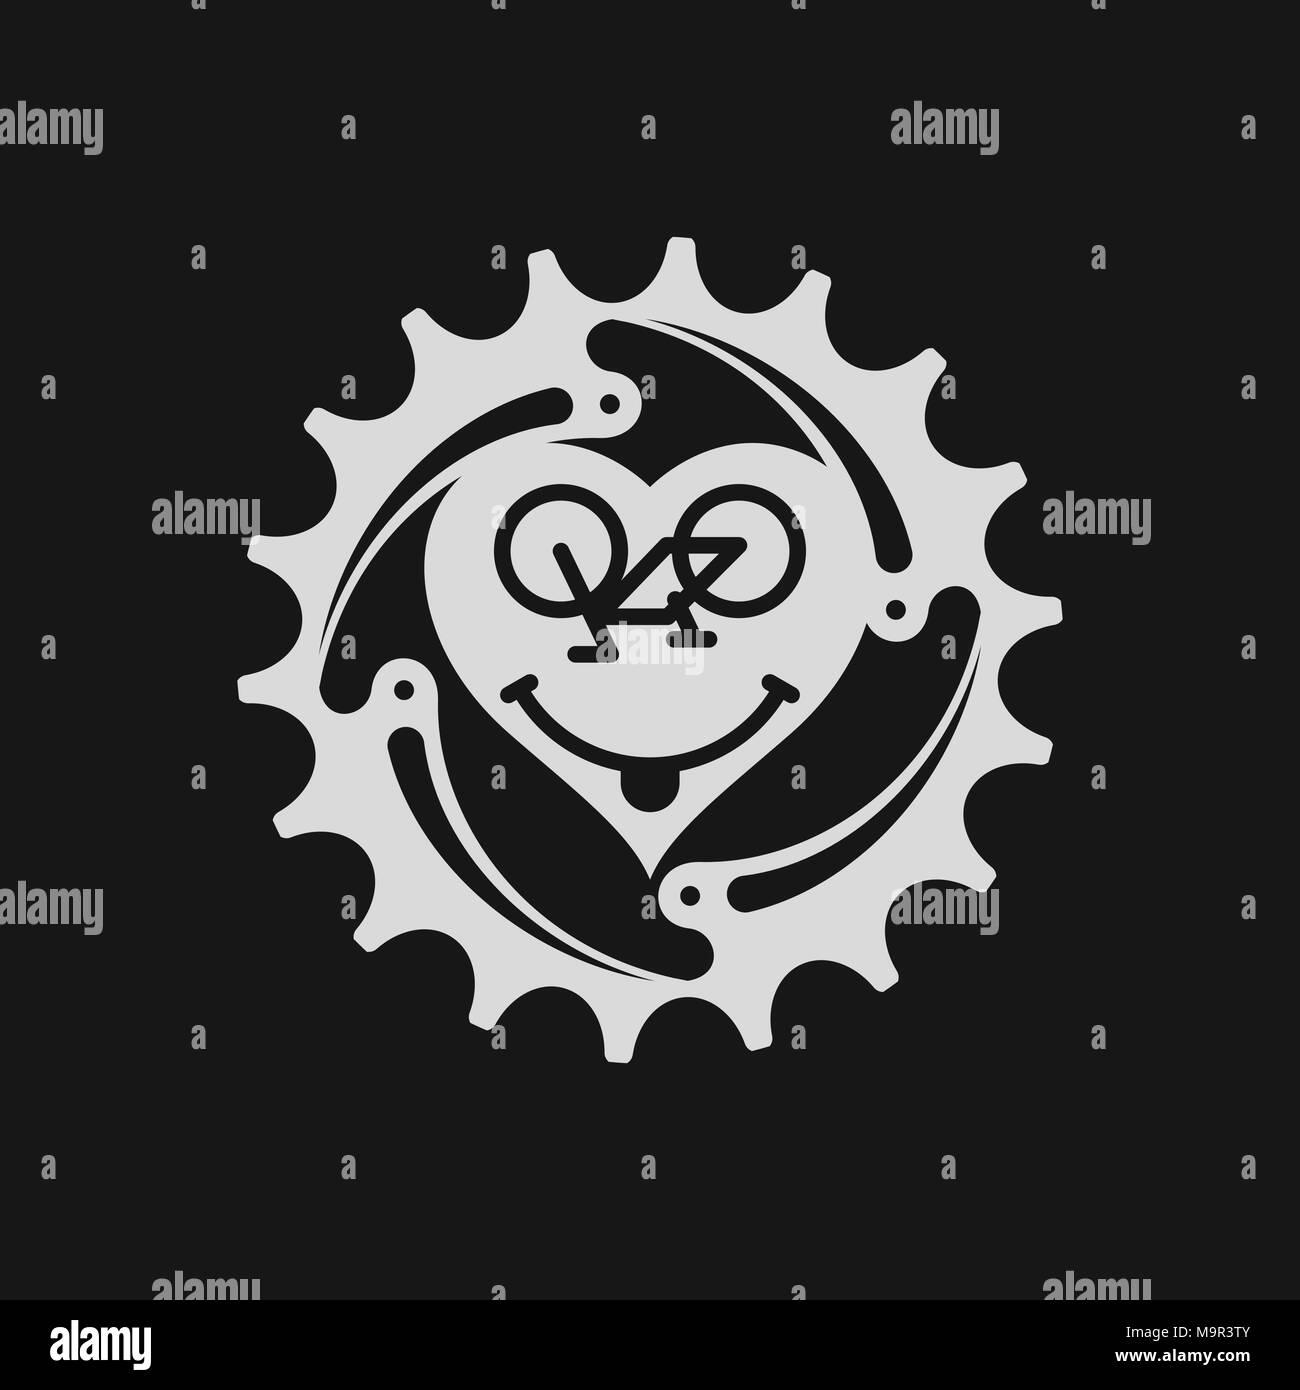 Bicycle Chain Ring Bicycle Emoji Bike Smile Emoticon Or Smiling